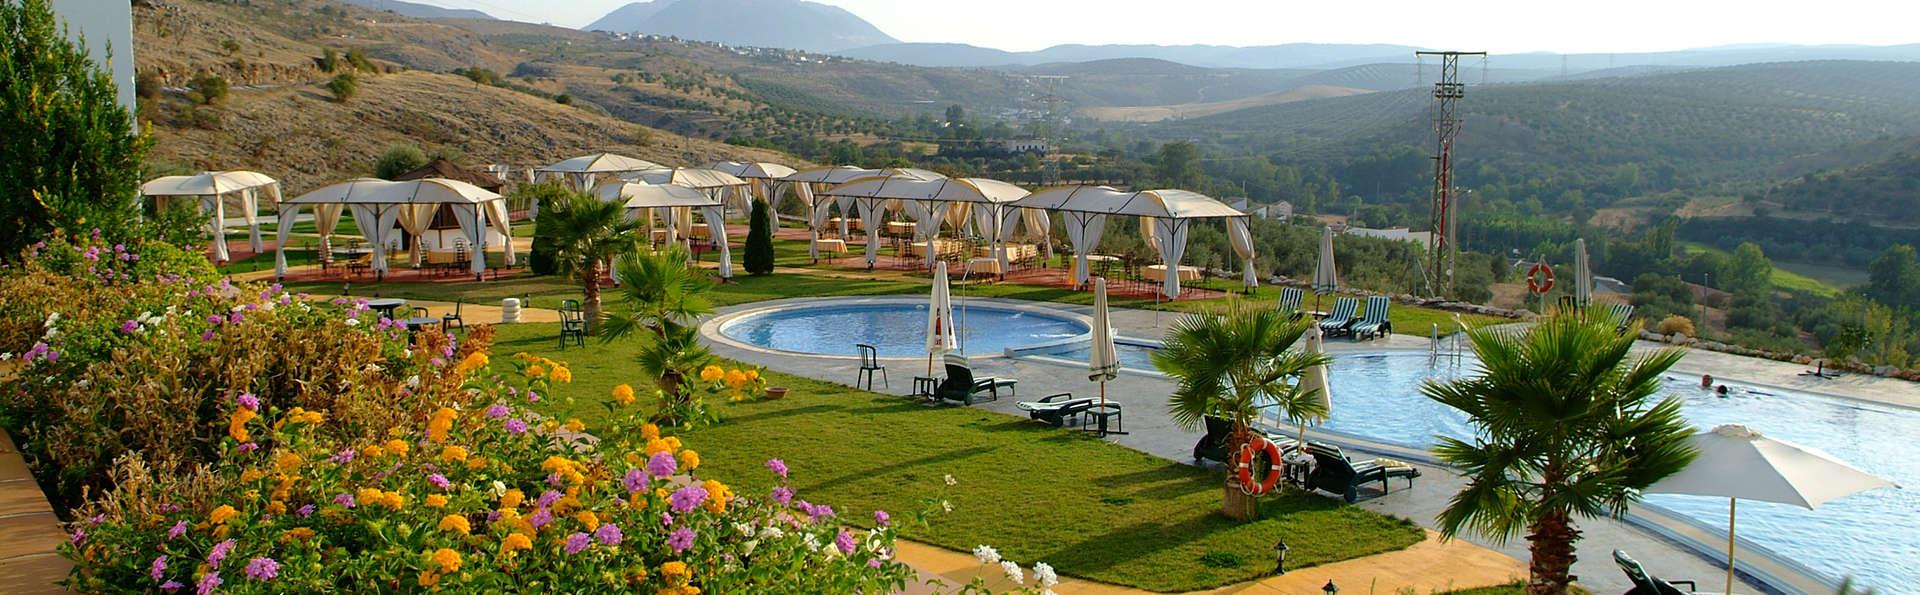 Hotel Almazara - edit_garden.jpg